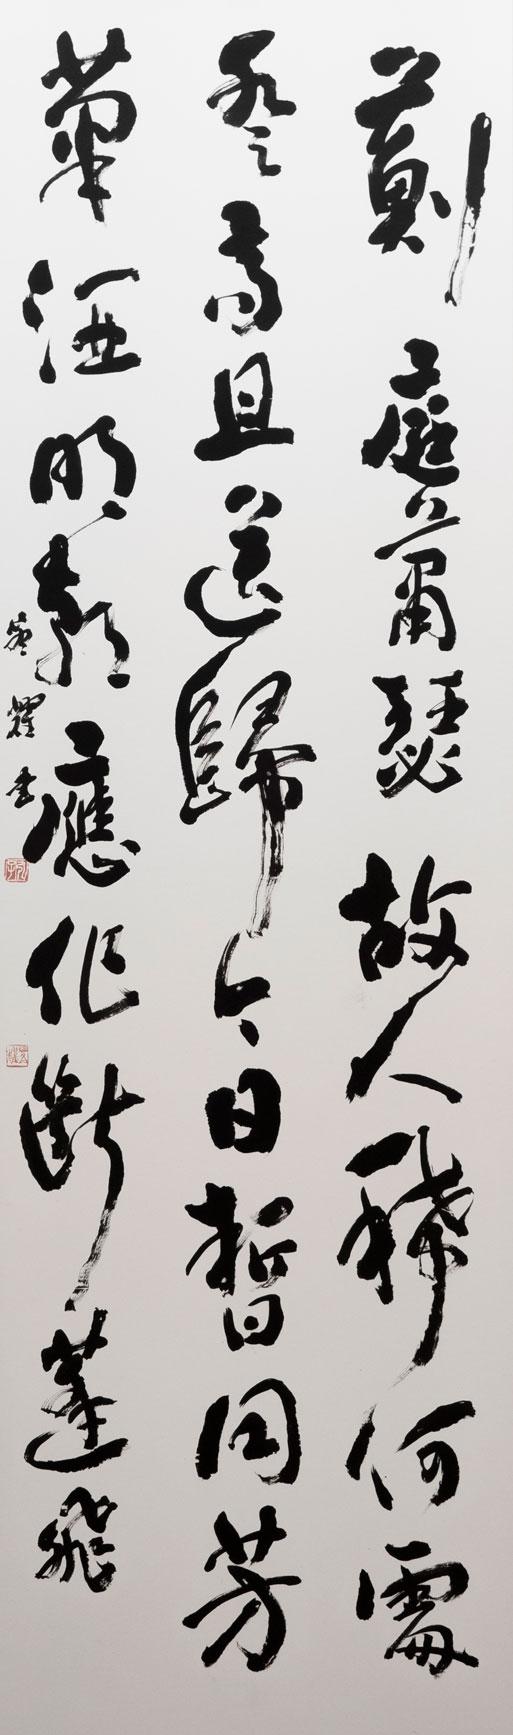 2017-jp-shodo-inspiration-630.jpg